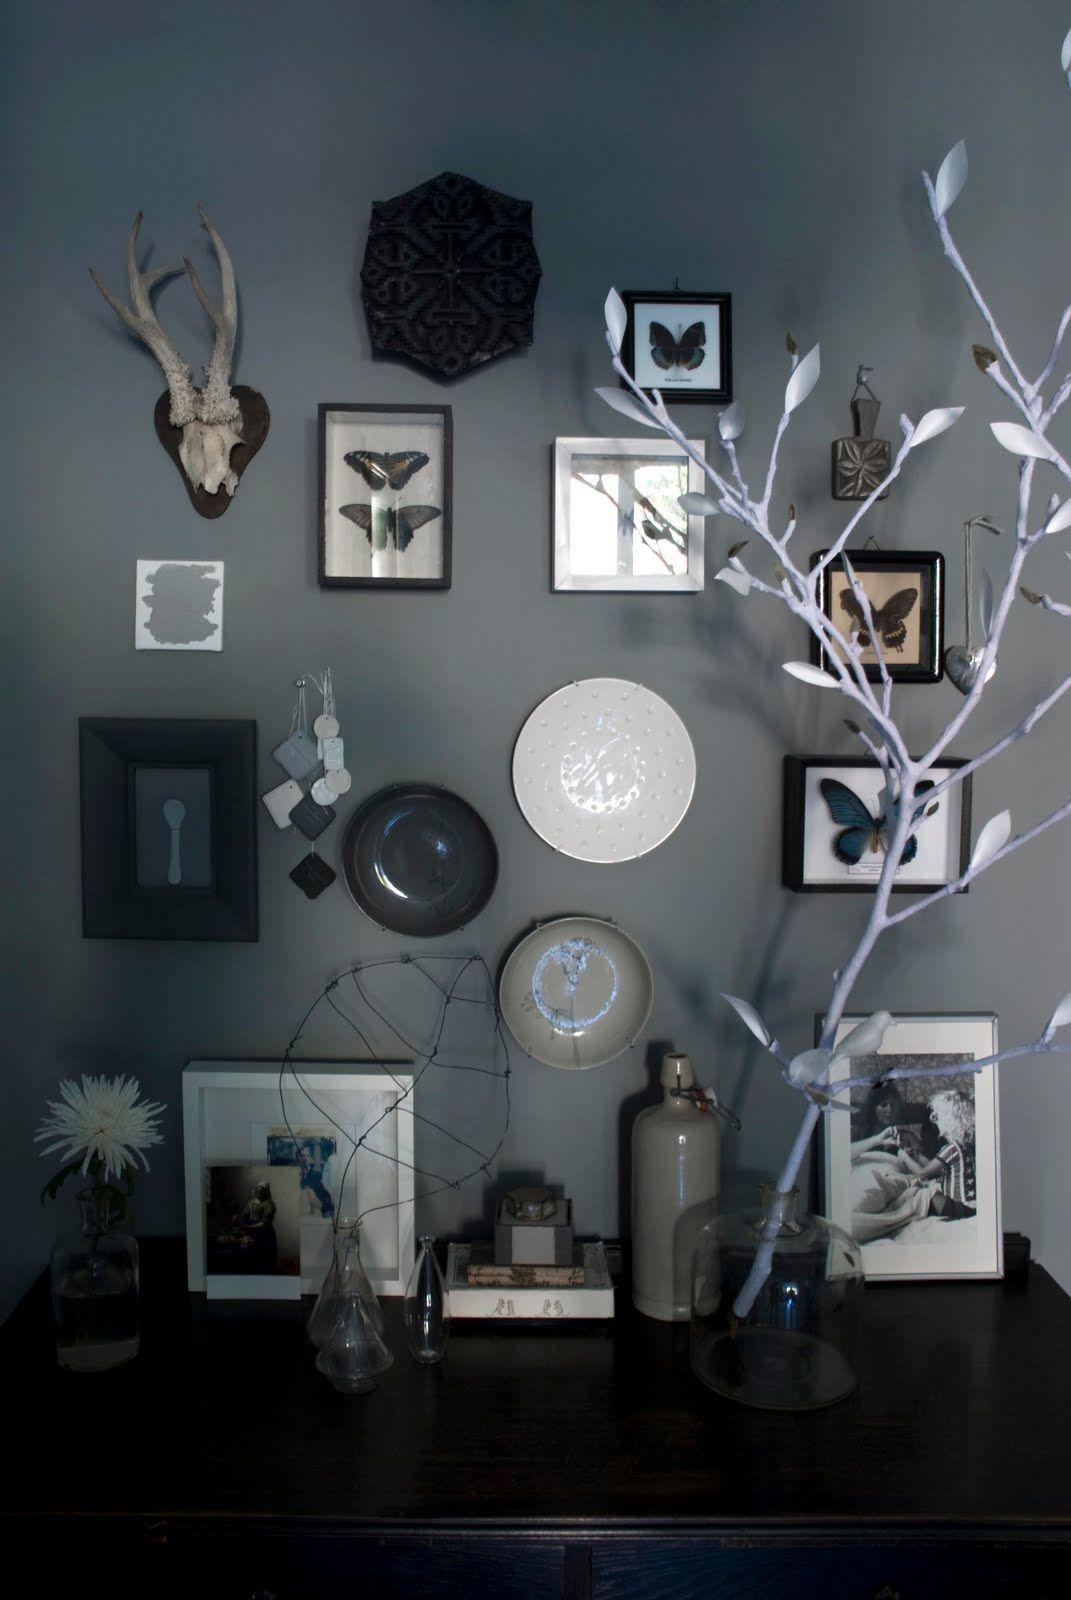 jeltje fotografie: Loft Grey